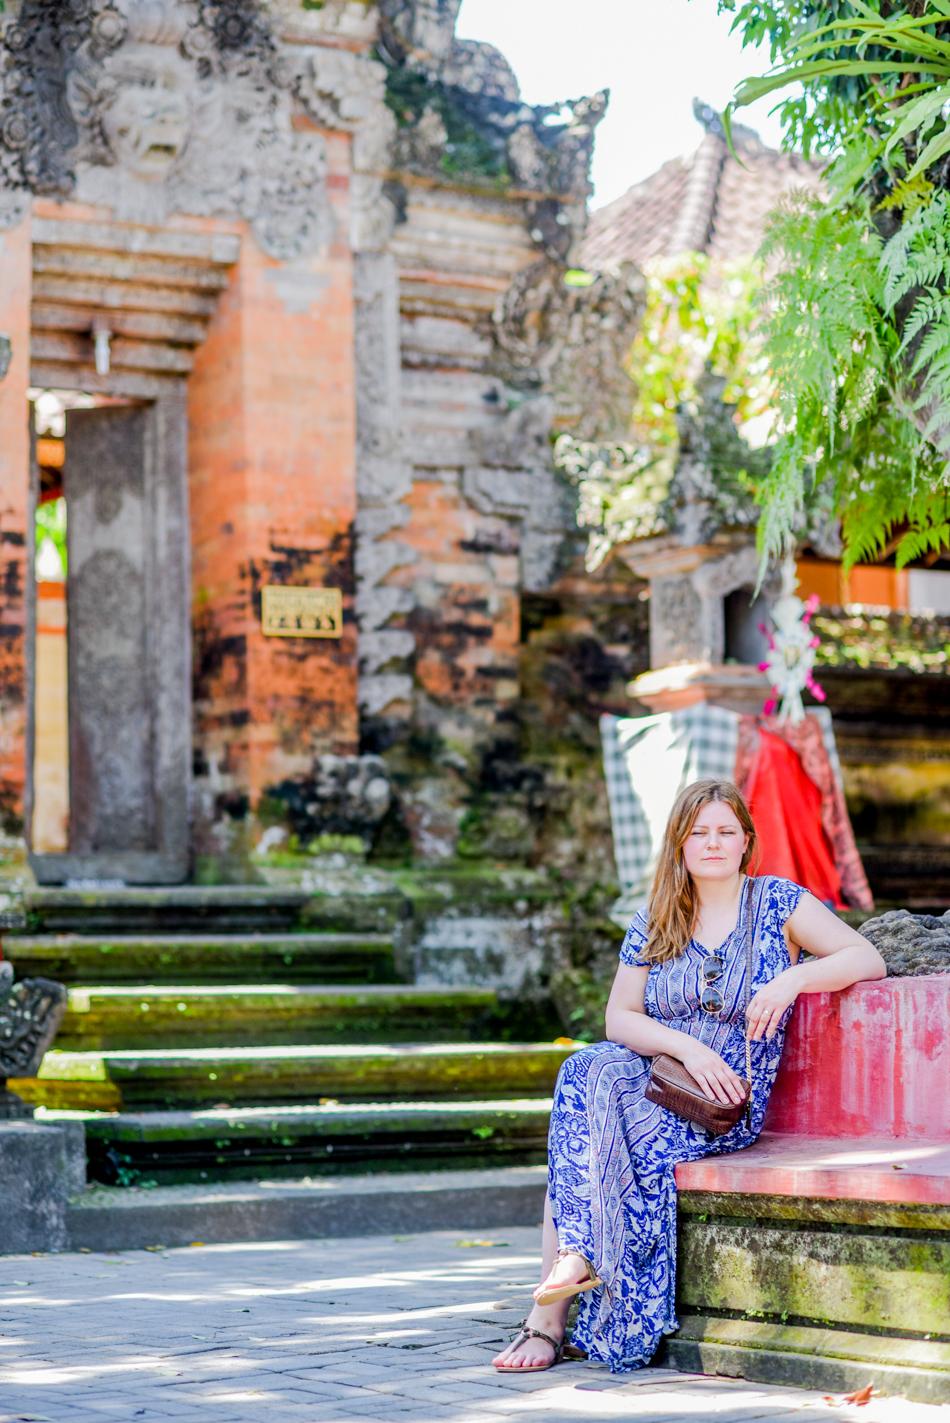 Bali-Honeymoon-Travel-AnaisStoelen-6.jpg